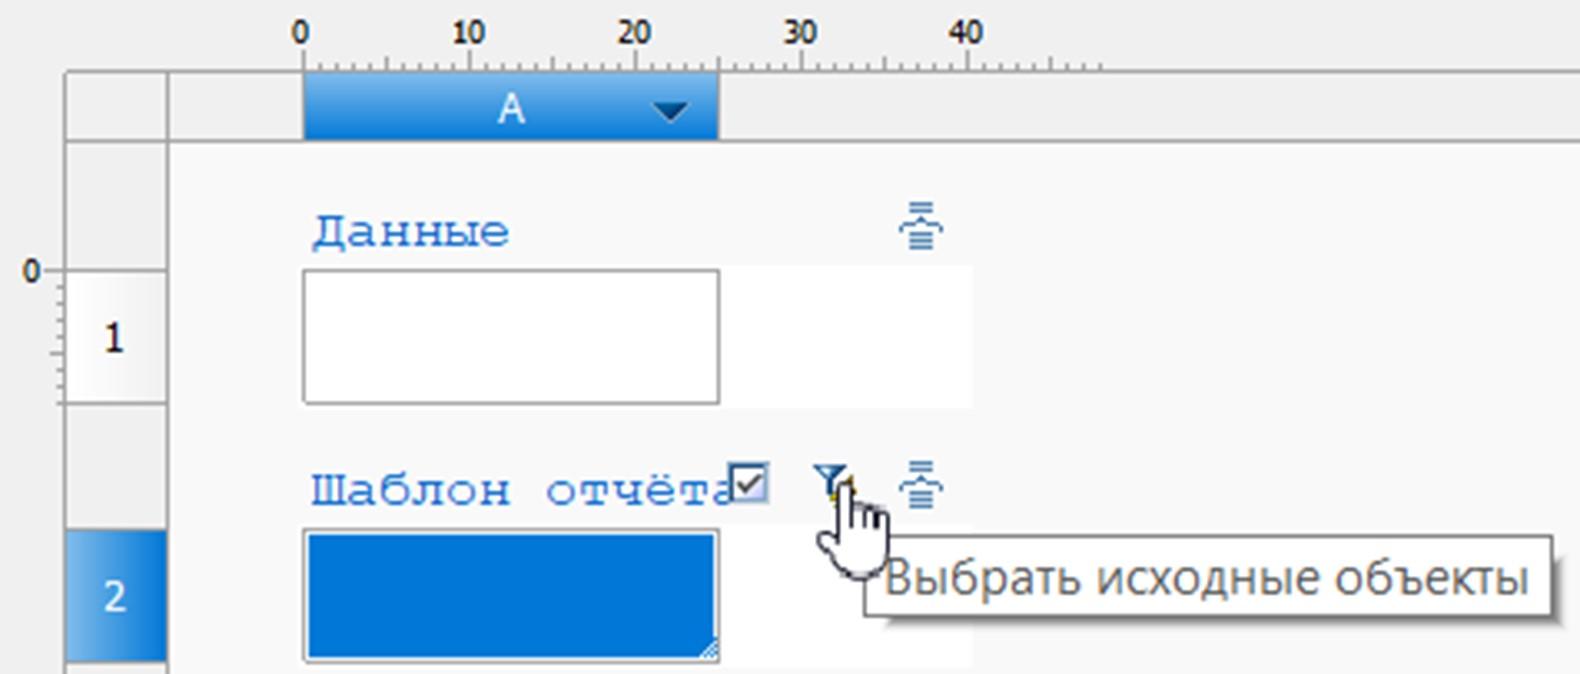 Рис. 7. Кнопка настройки фильтра объектов раздела отчета ячейки А2